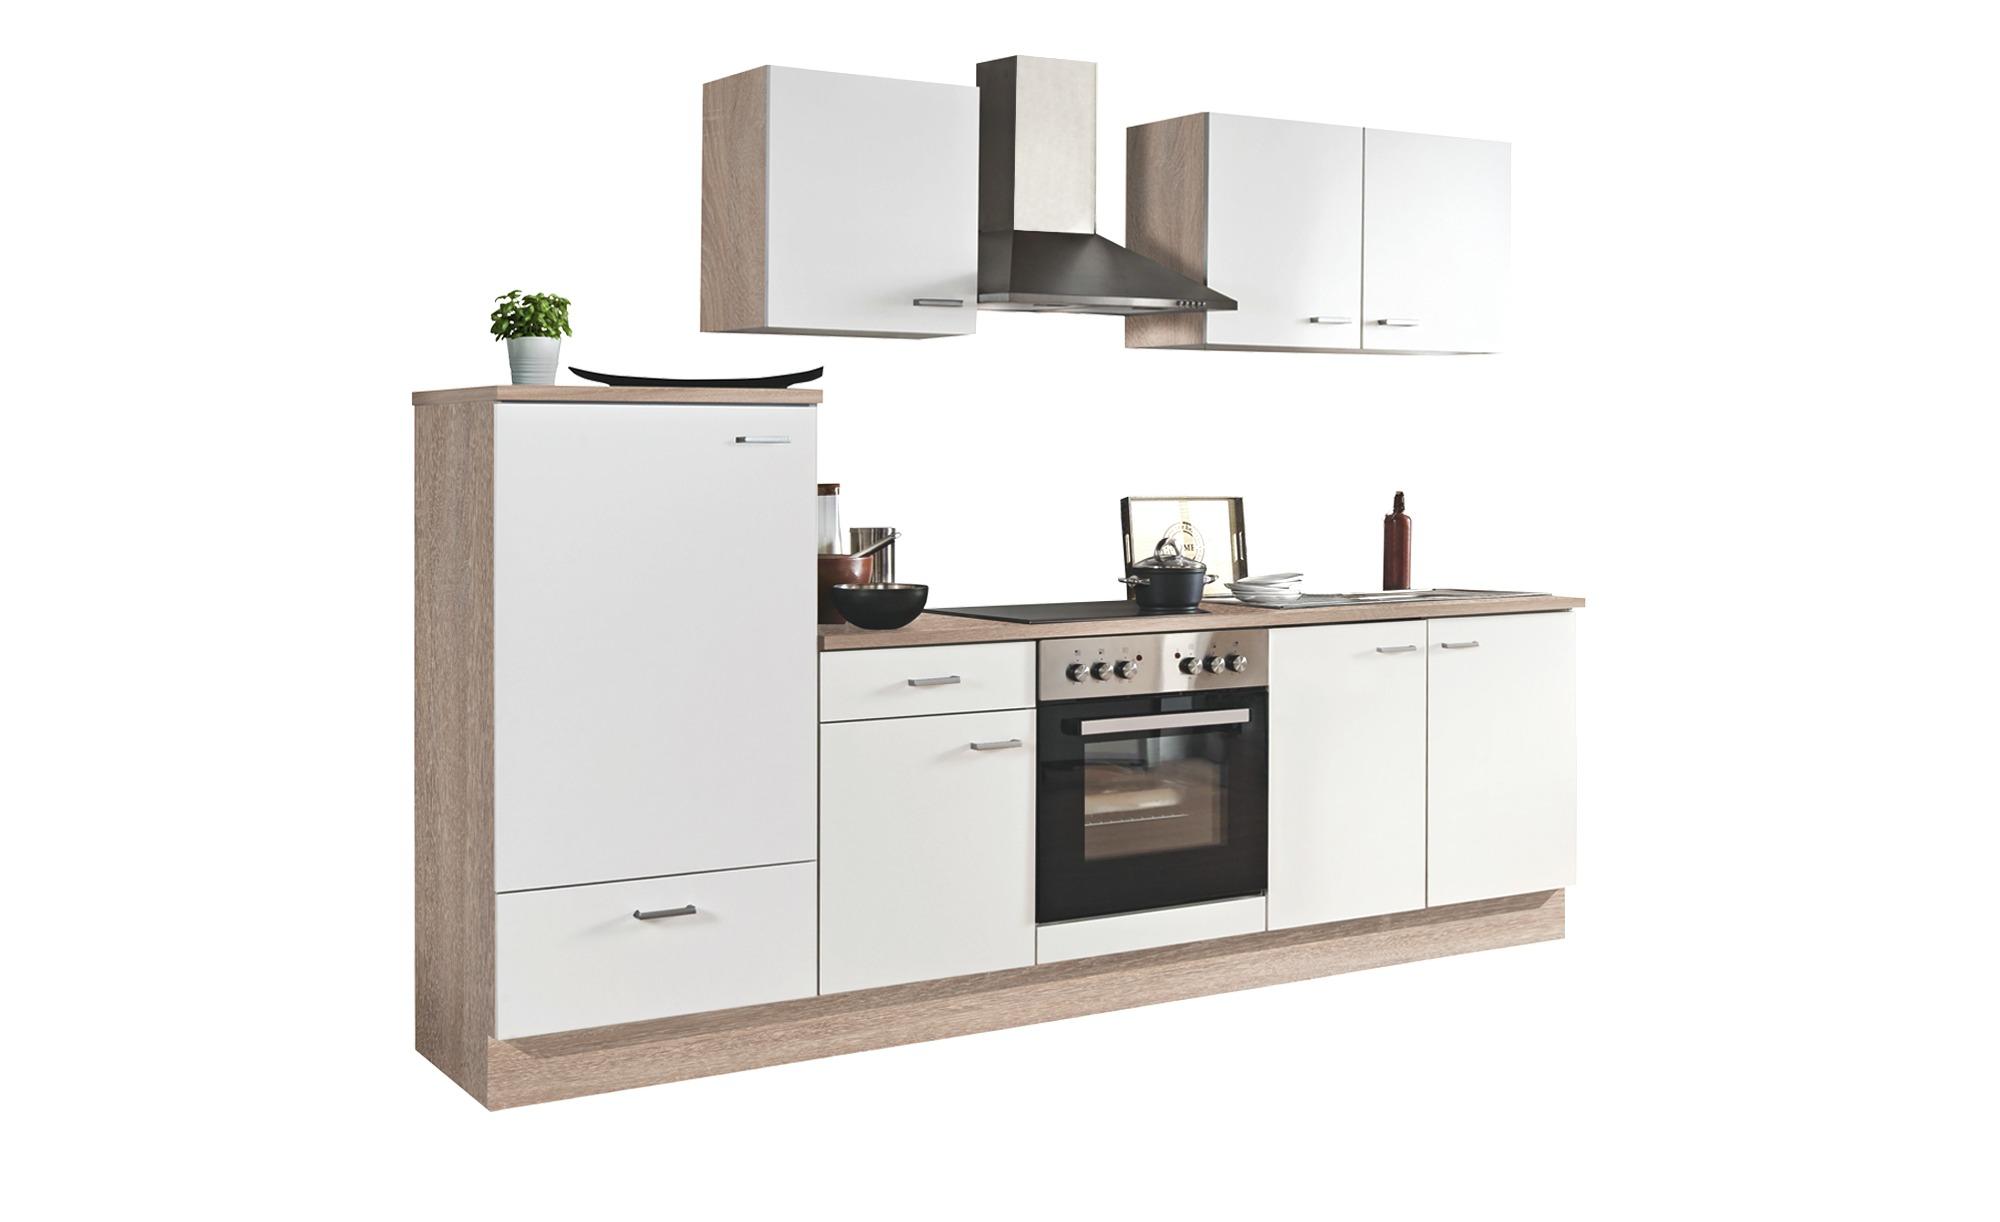 uno Küchenzeile mit Elektrogeräten  Mainz ¦ weiß ¦ Maße (cm): B: 270 Küchen > Küchenblöcke mit E-Geräten - Höffner